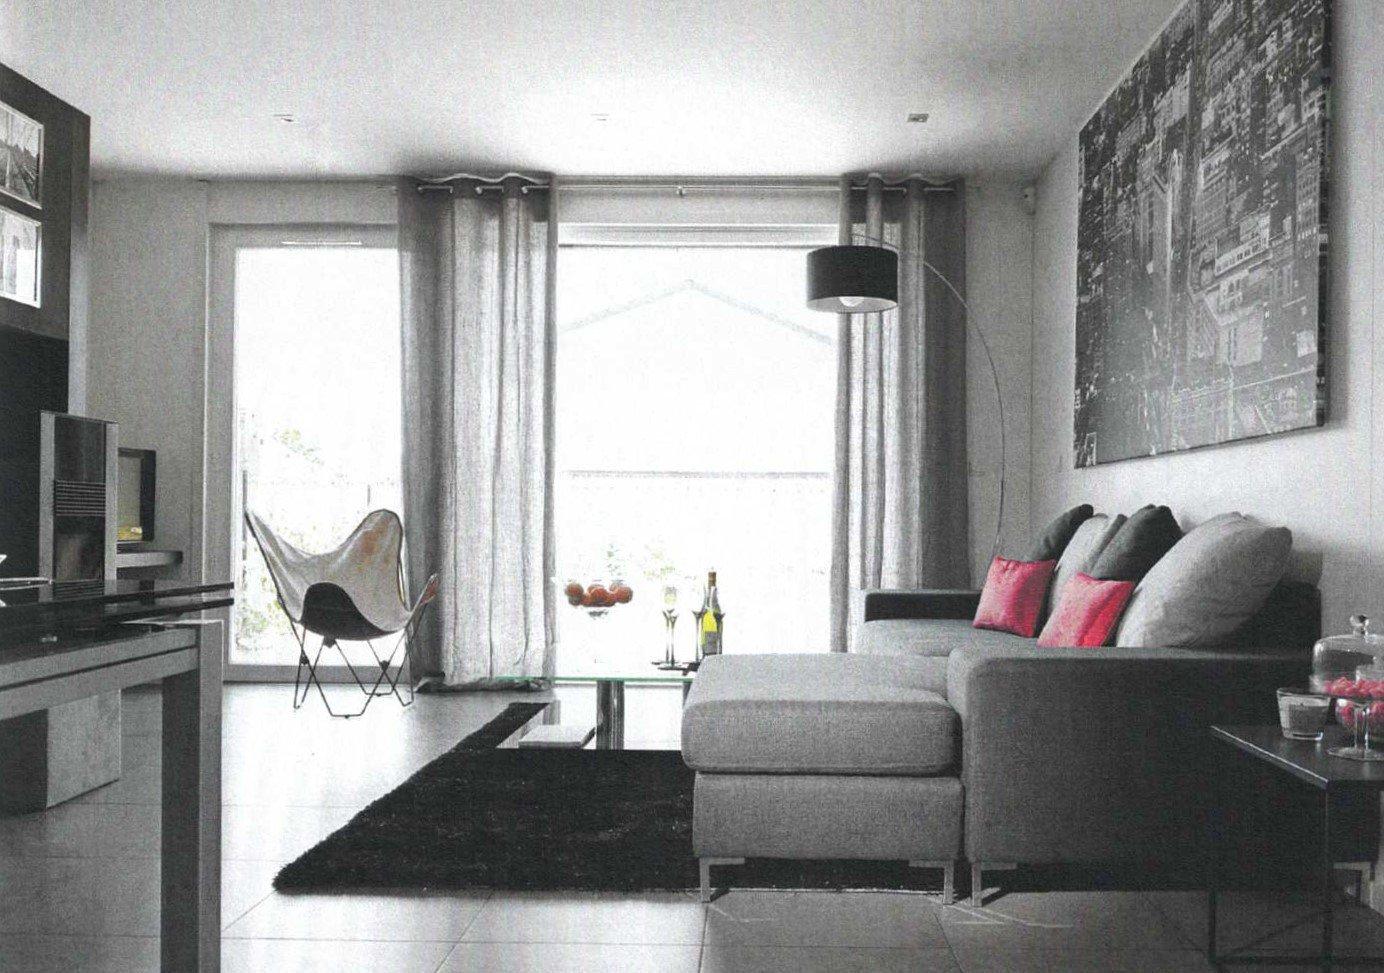 SOUS COMPROMIS DE VENTE  Mâcon, entre ville et campagne, venez découvrir cette belle maison BBC, construite en ossature bois avec un design très contemporain.  En rez de jardin, elle dispose d'une pièce à vivre avec cuisine équipée et d'une grande suite parentale. L'étage s'ouvre quant à lui sur un dégagement desservant 2 autres chambres, une salle de bain et un espace pouvant servir de salon TV.  Grandes baies vitrées offrant une vraie sensation de plein air et donnant sur une superbe terrasse de 100 m² et son jardin parfaitement aménagé (parcelle de 480 m² piscinable).   Vous cherchez une maison contemporaine (ouvertures, design, brises soleil orientables..), économe et écologique (BBC, chauffe eau thermodynamique, consommation énergétique faible, vraie isolation thermo-acoustique..) ? Ne cherchez plus, vous l'avez trouvé ! Honoraires à la charge des vendeurs.